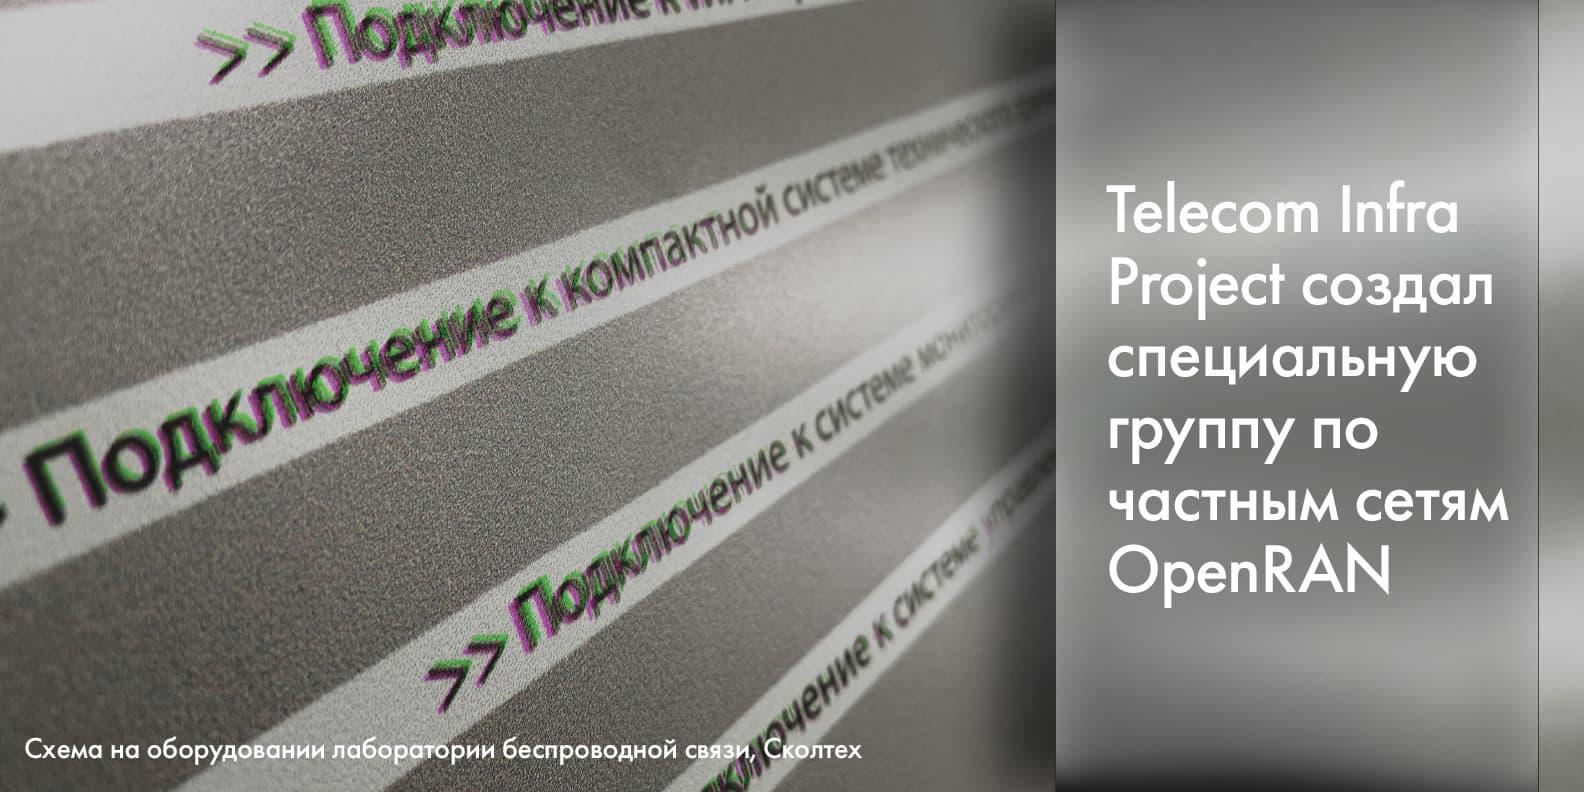 В Telecom Infra Project (TIP), который занимается разработкой и продвижением открытых стандартов и технологий, появилась новая группа – 5G Private Networks. Как следует из названия, она будет заниматься частными сетями…